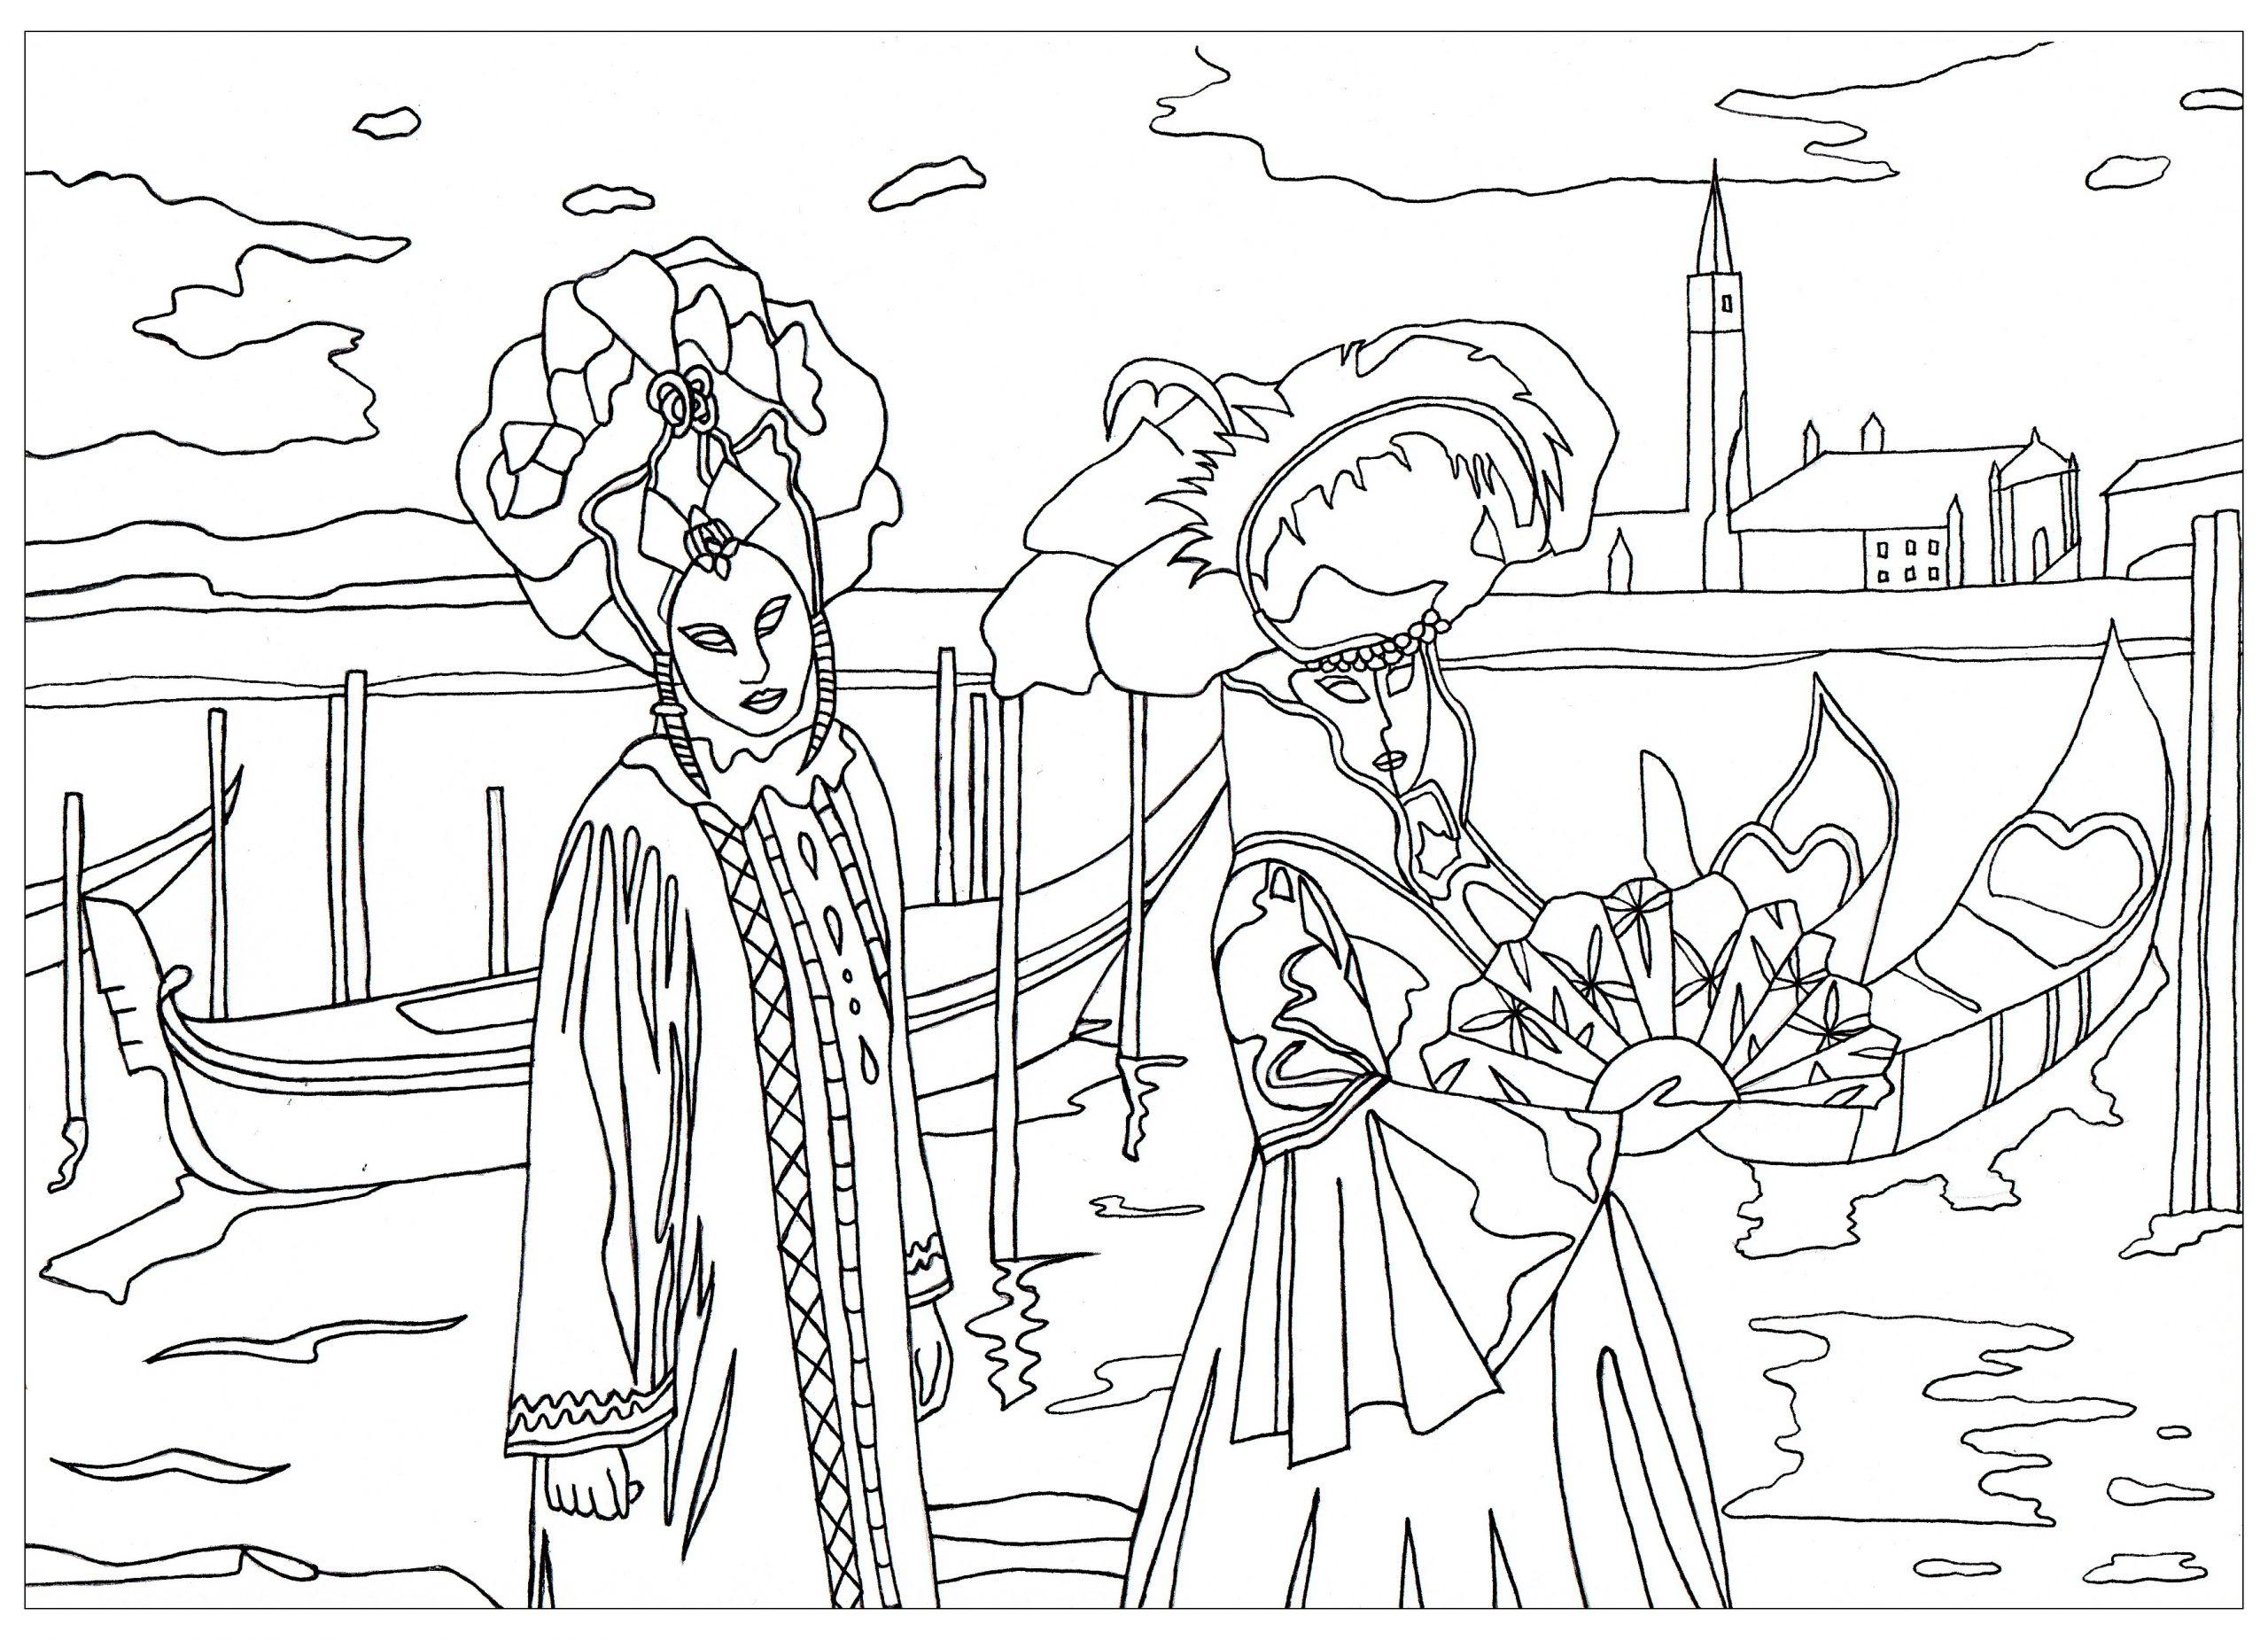 Carnaval De Venise - Coloriage Adulte - Coloriages Pour Enfants intérieur Coloriage De Carnaval A Imprimer Gratuit